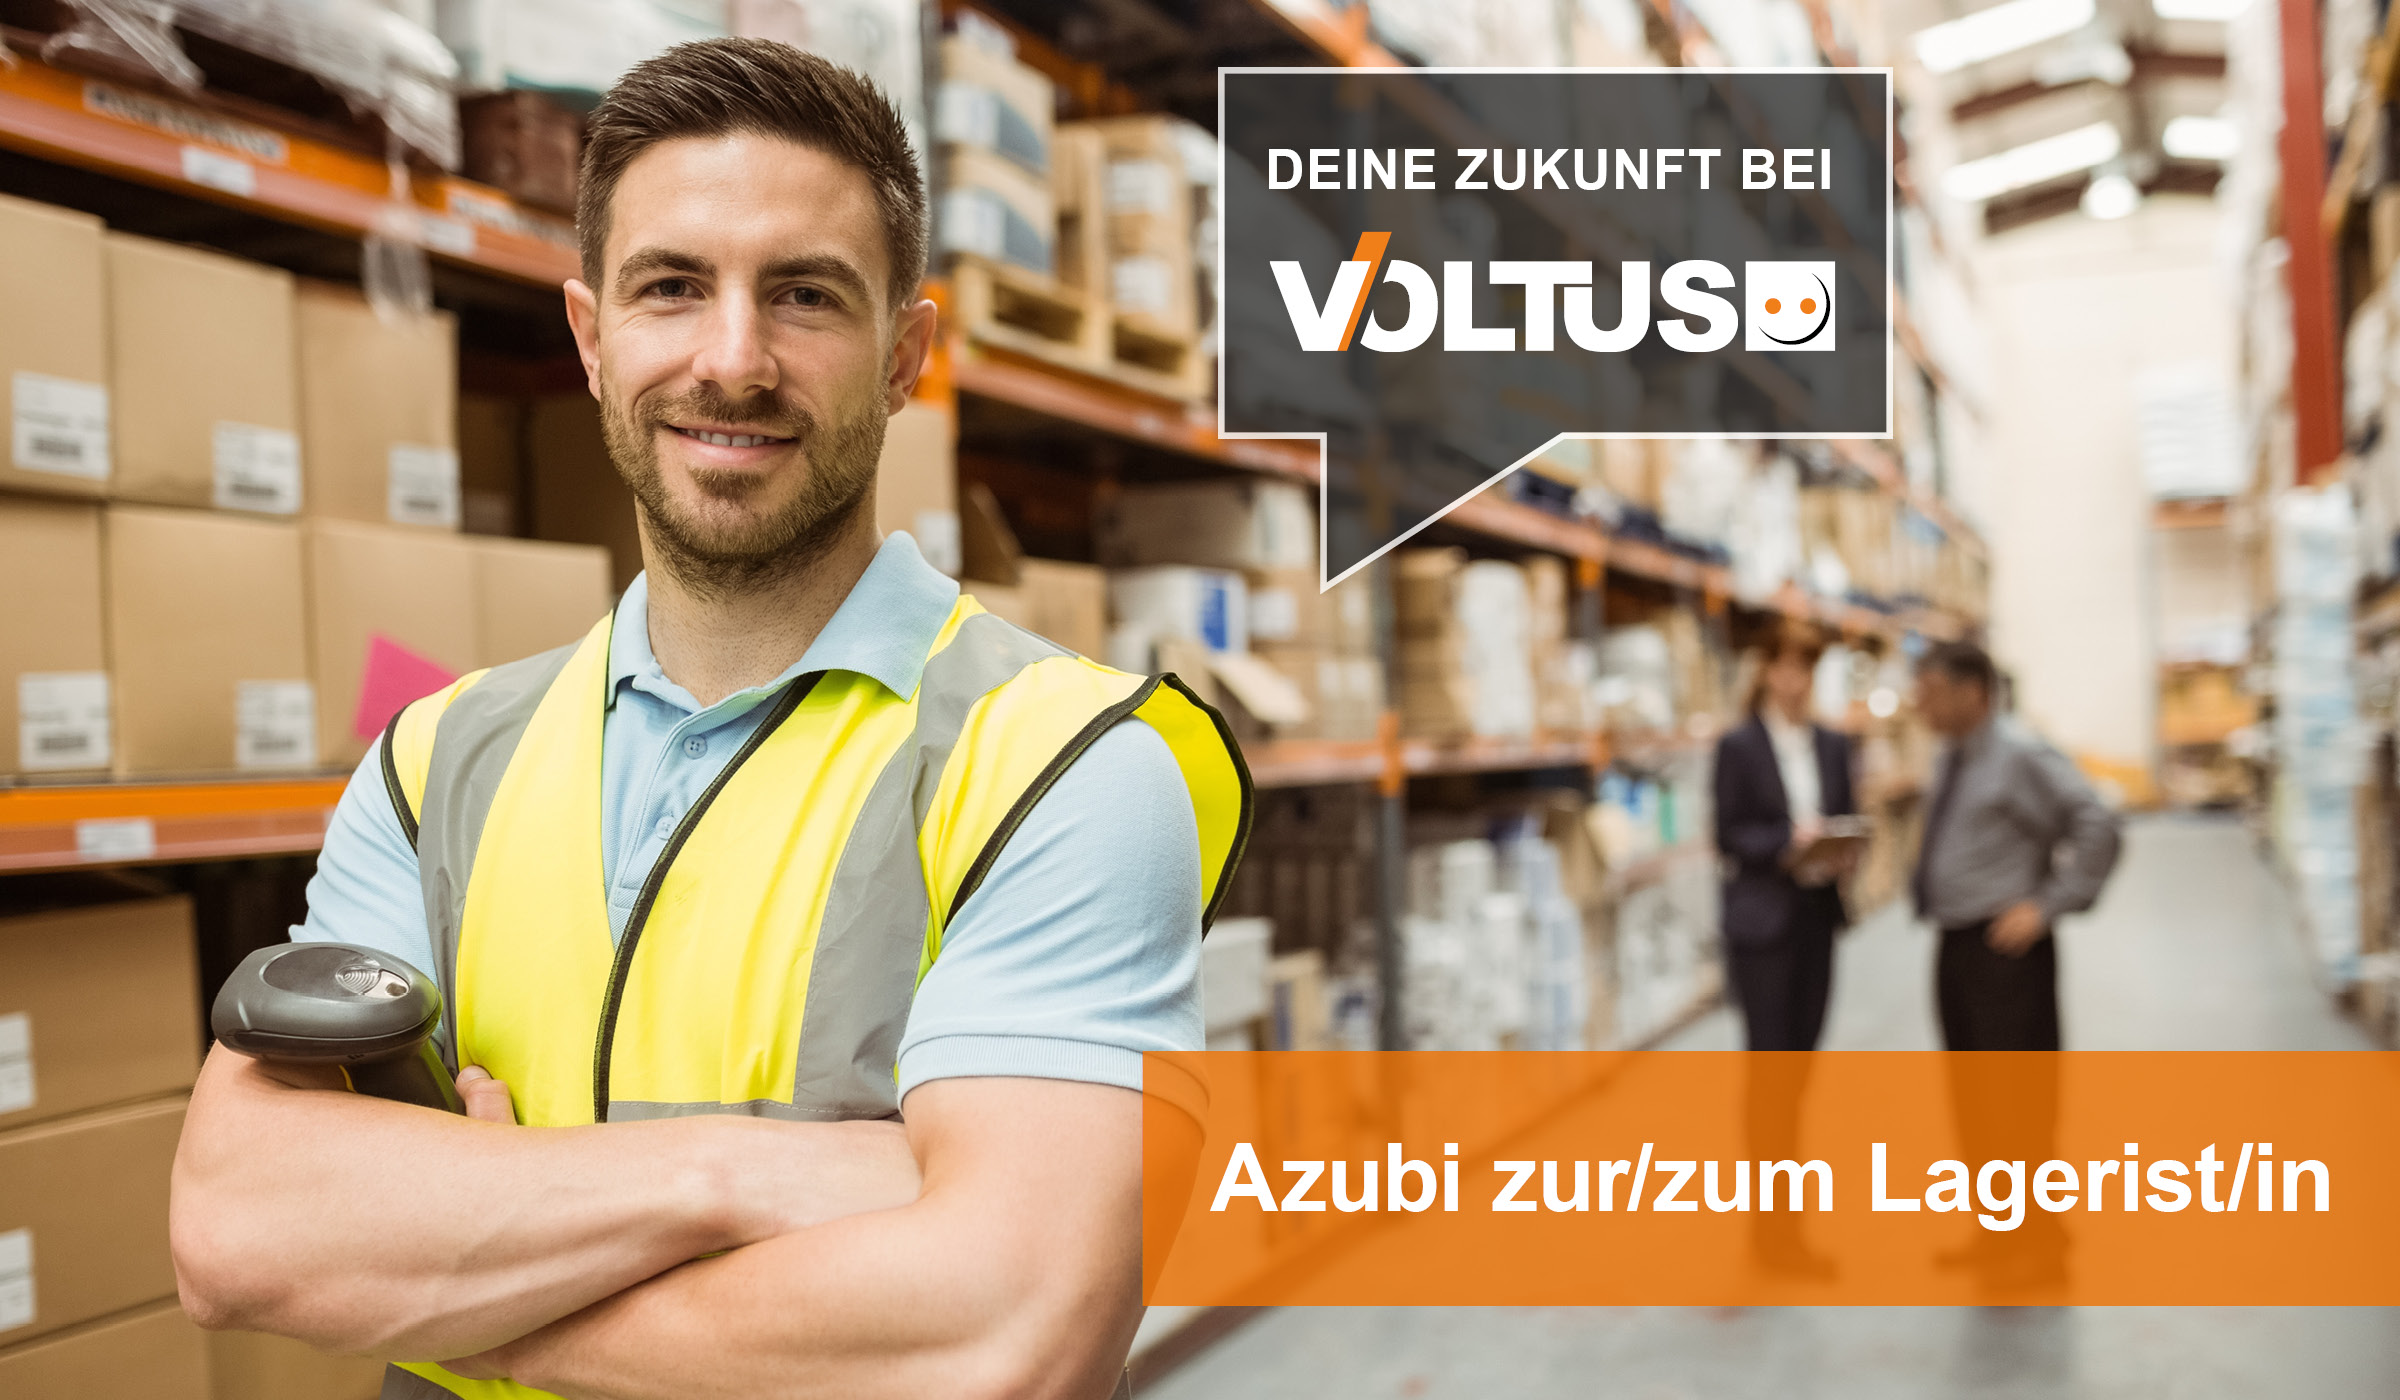 Deine Zukunft als Lagerist bei Voltus